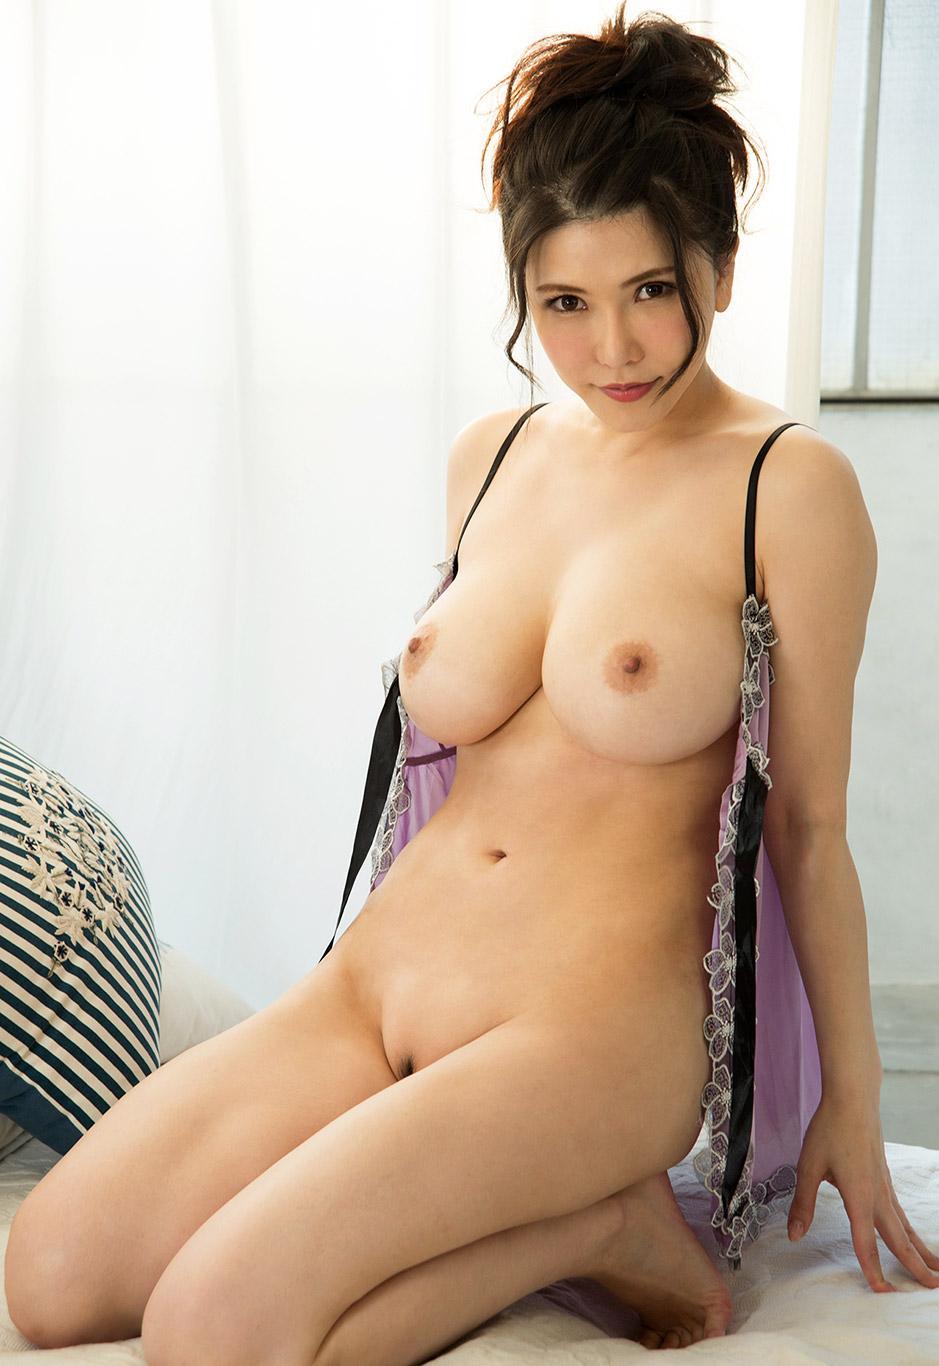 Hot Korean Sexy GirlsGallery Pictures Korean GirlHotties